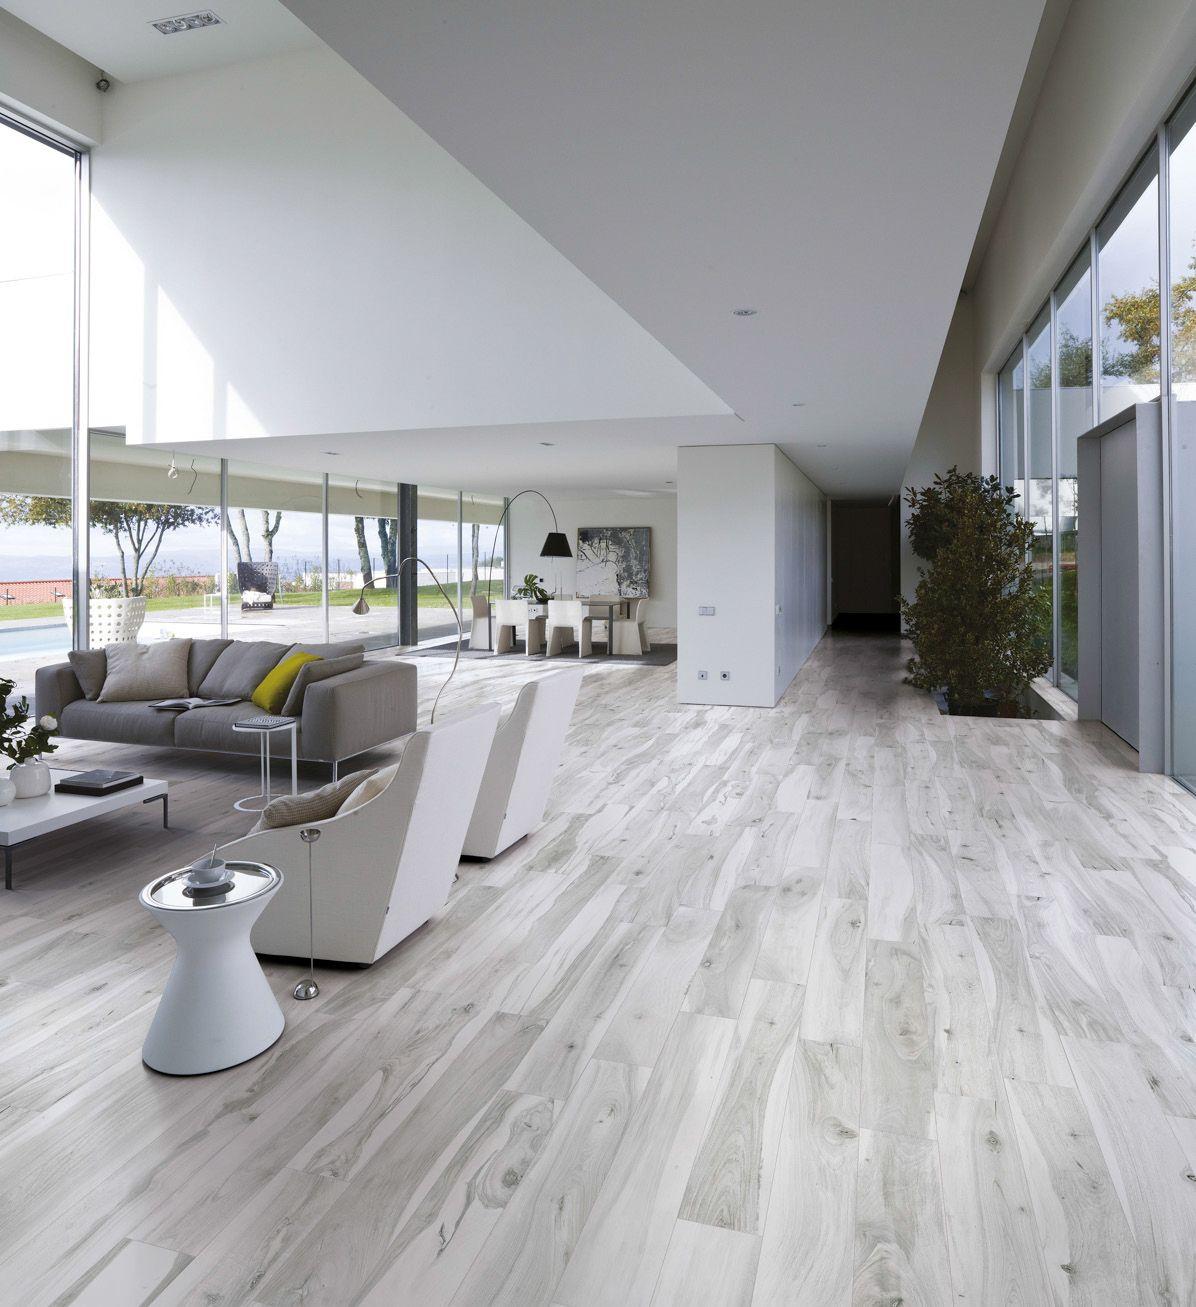 Wood Look Tile: 17 Distressed, Rustic, Modern Ideas ...